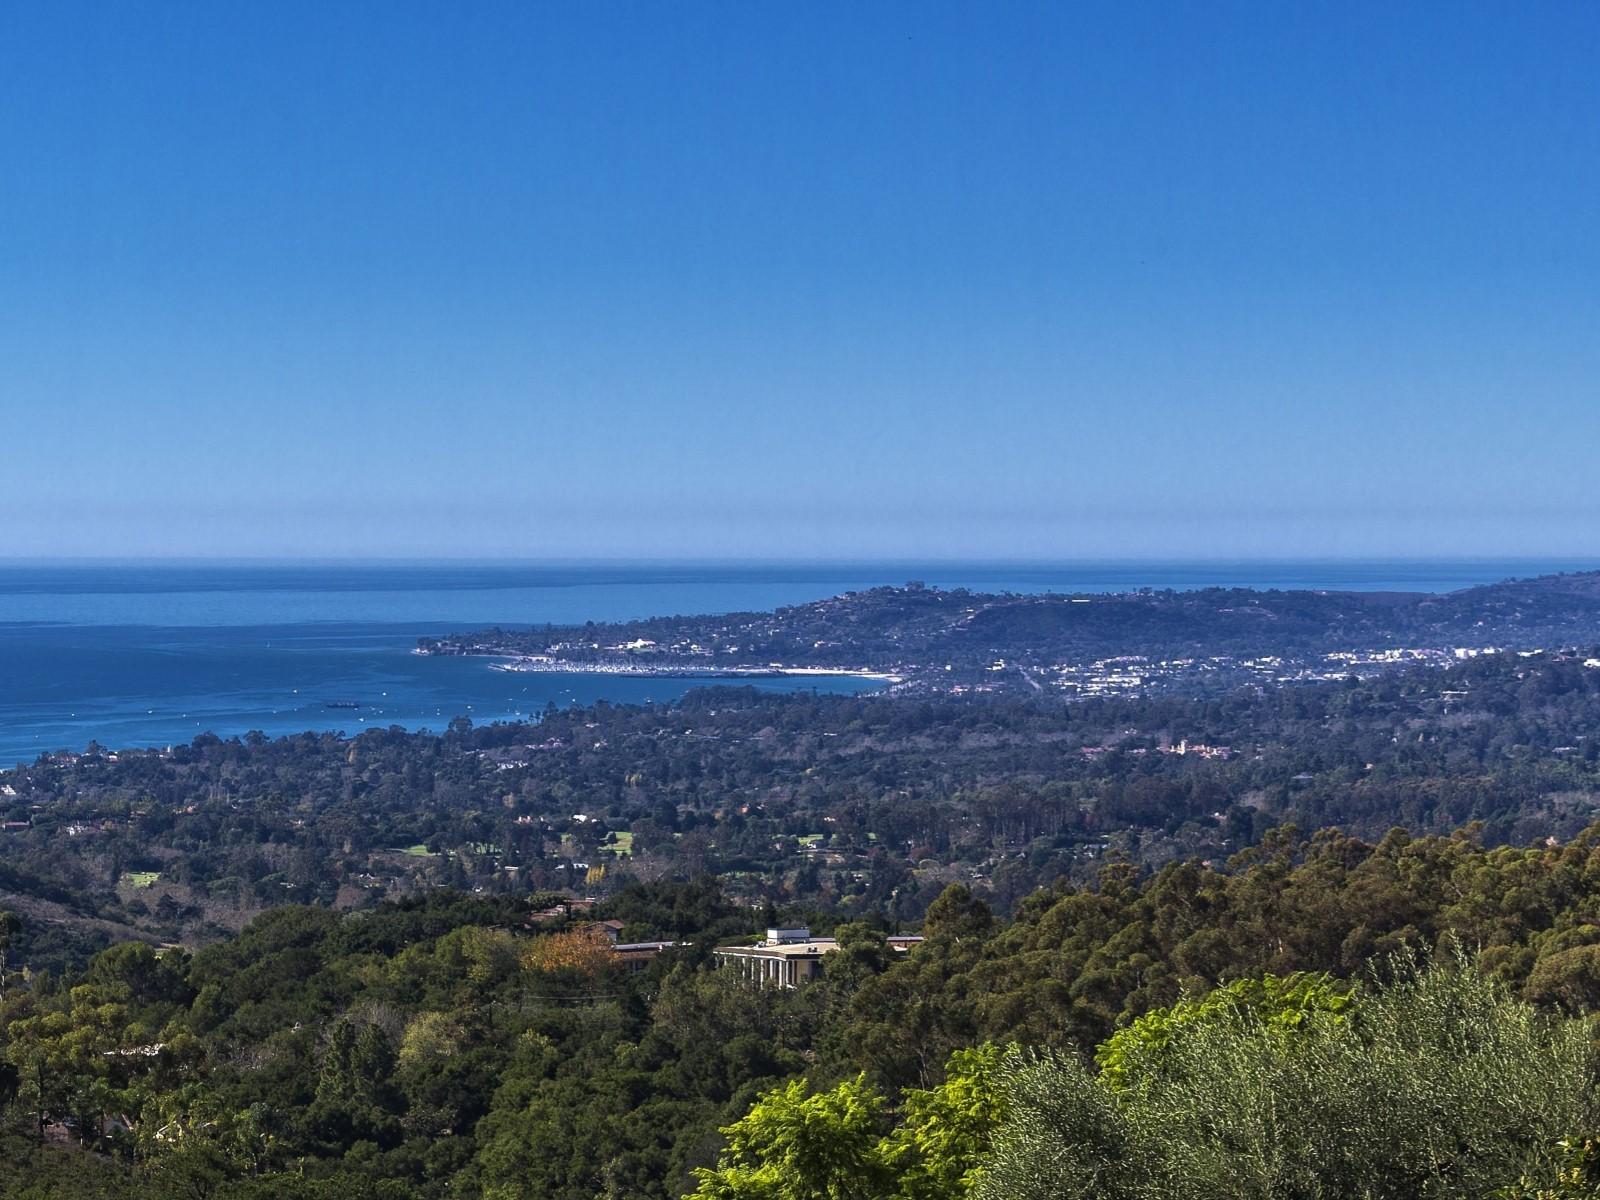 Maison unifamiliale pour l Vente à Montecito Panoramic Views 3055 Hidden Valley Lane Montecito - Upper Village, Montecito, Californie 93108 États-Unis